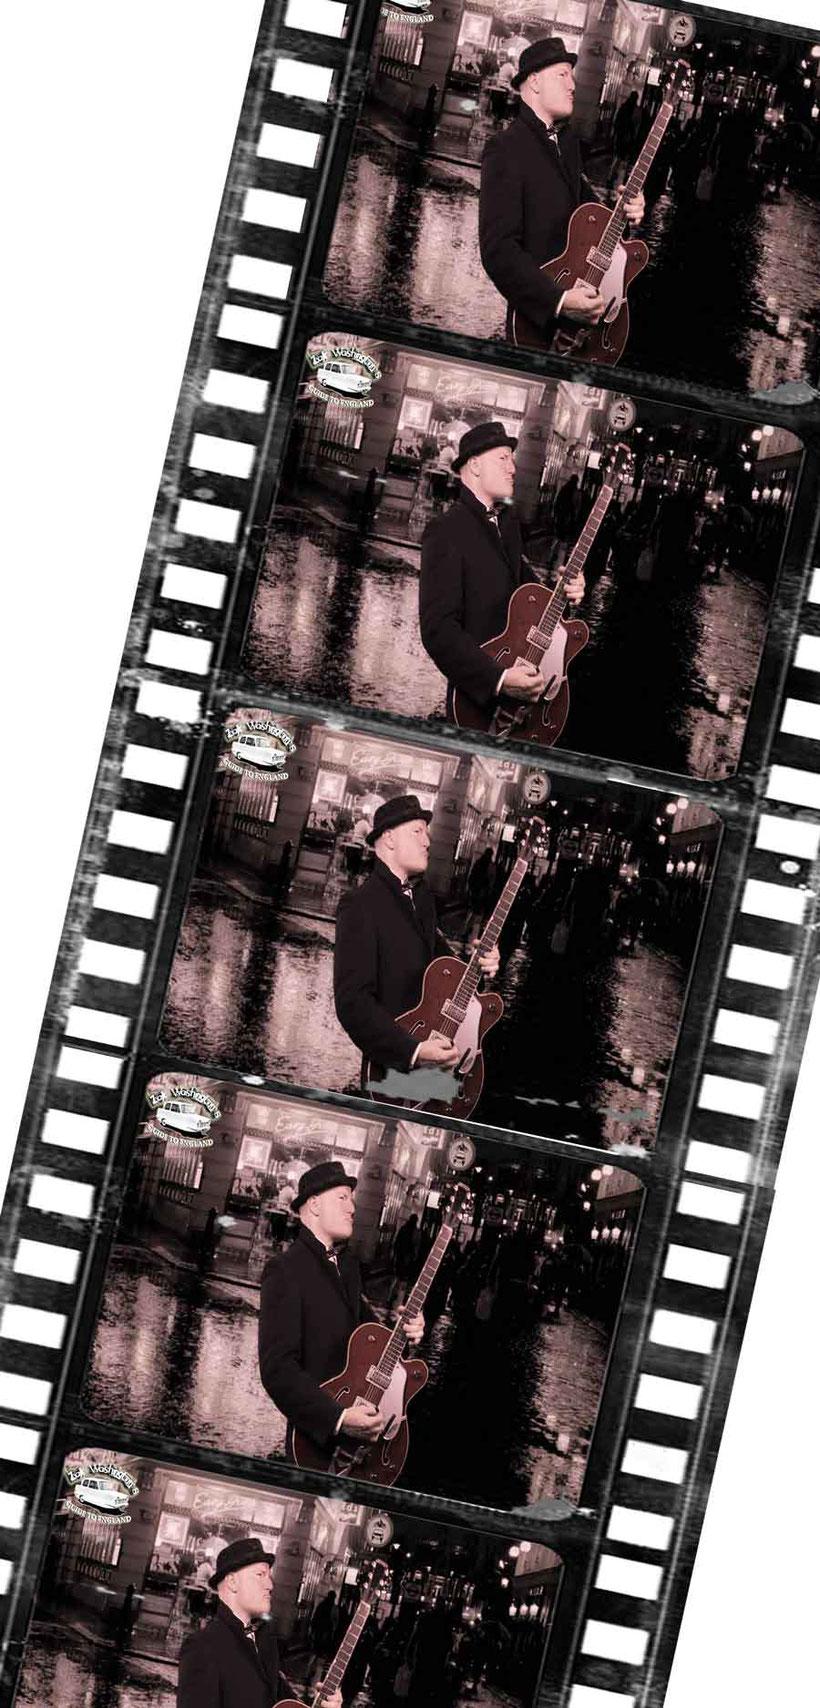 English teacher ZakWashington (alias Miki Pannell) playing guitar in a Soho street, London